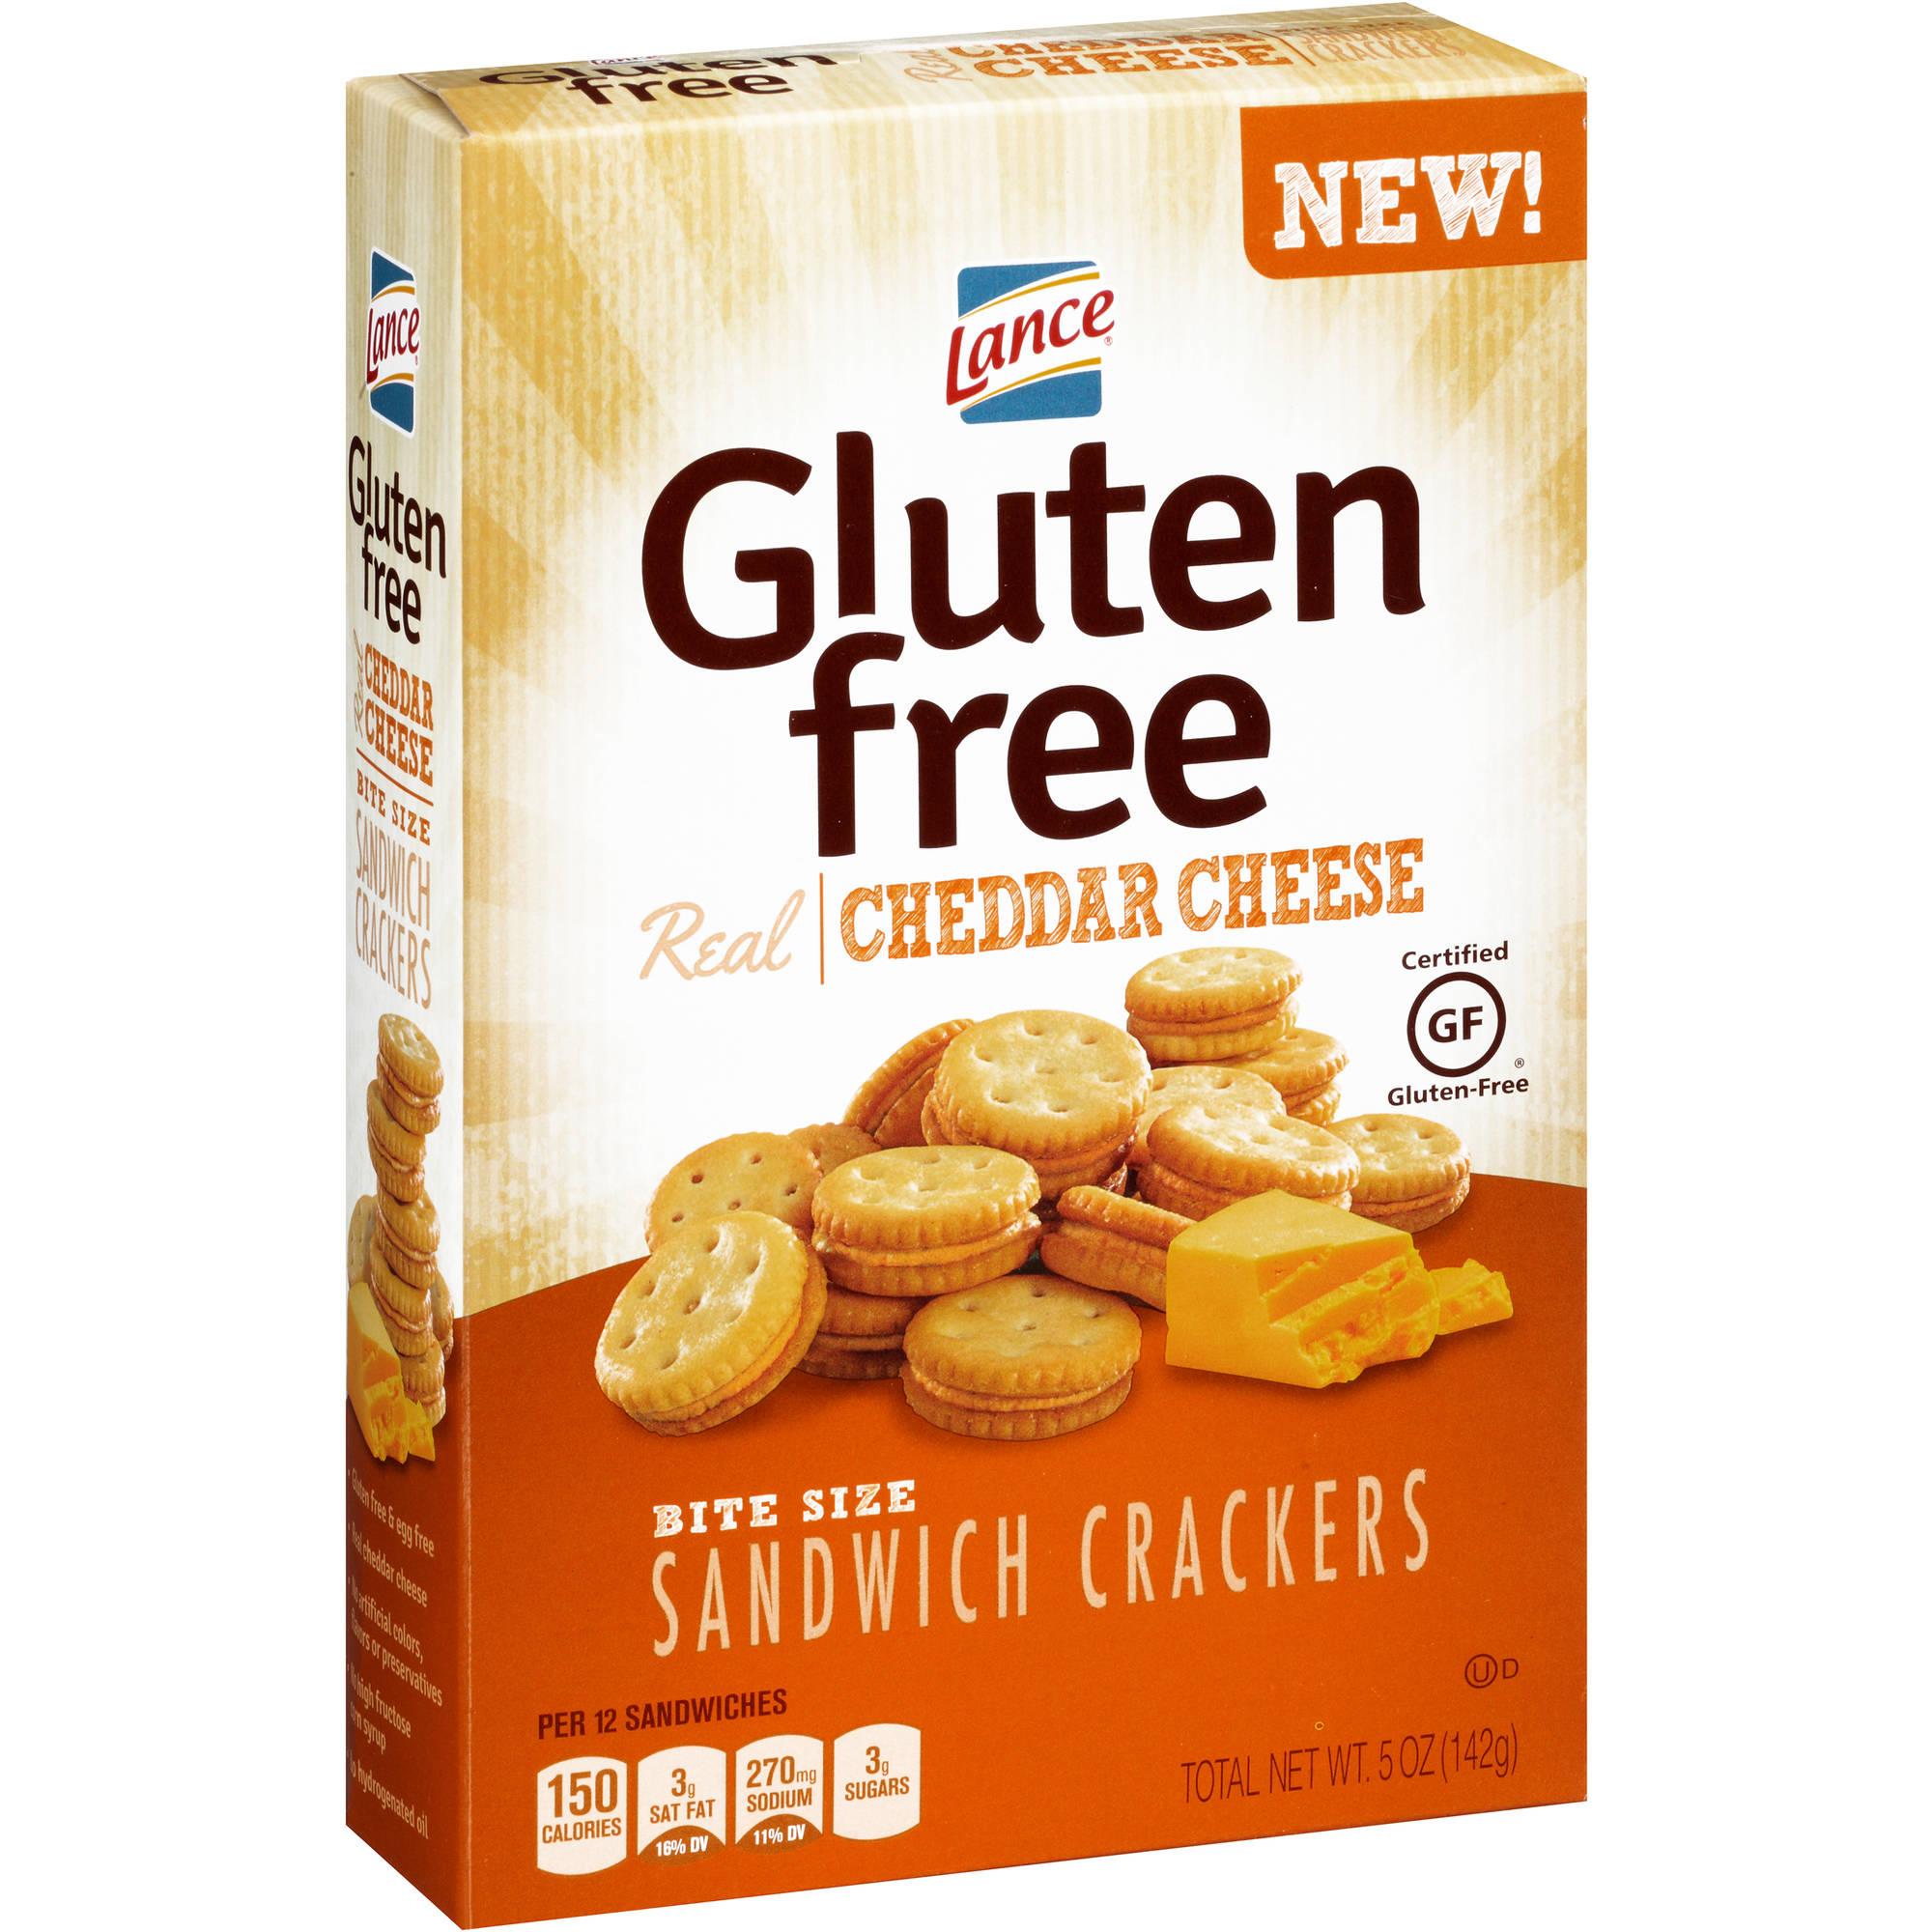 Lance Gluten Free Cheddar Cheese Bite Size Sandwich Crackers, 5 oz